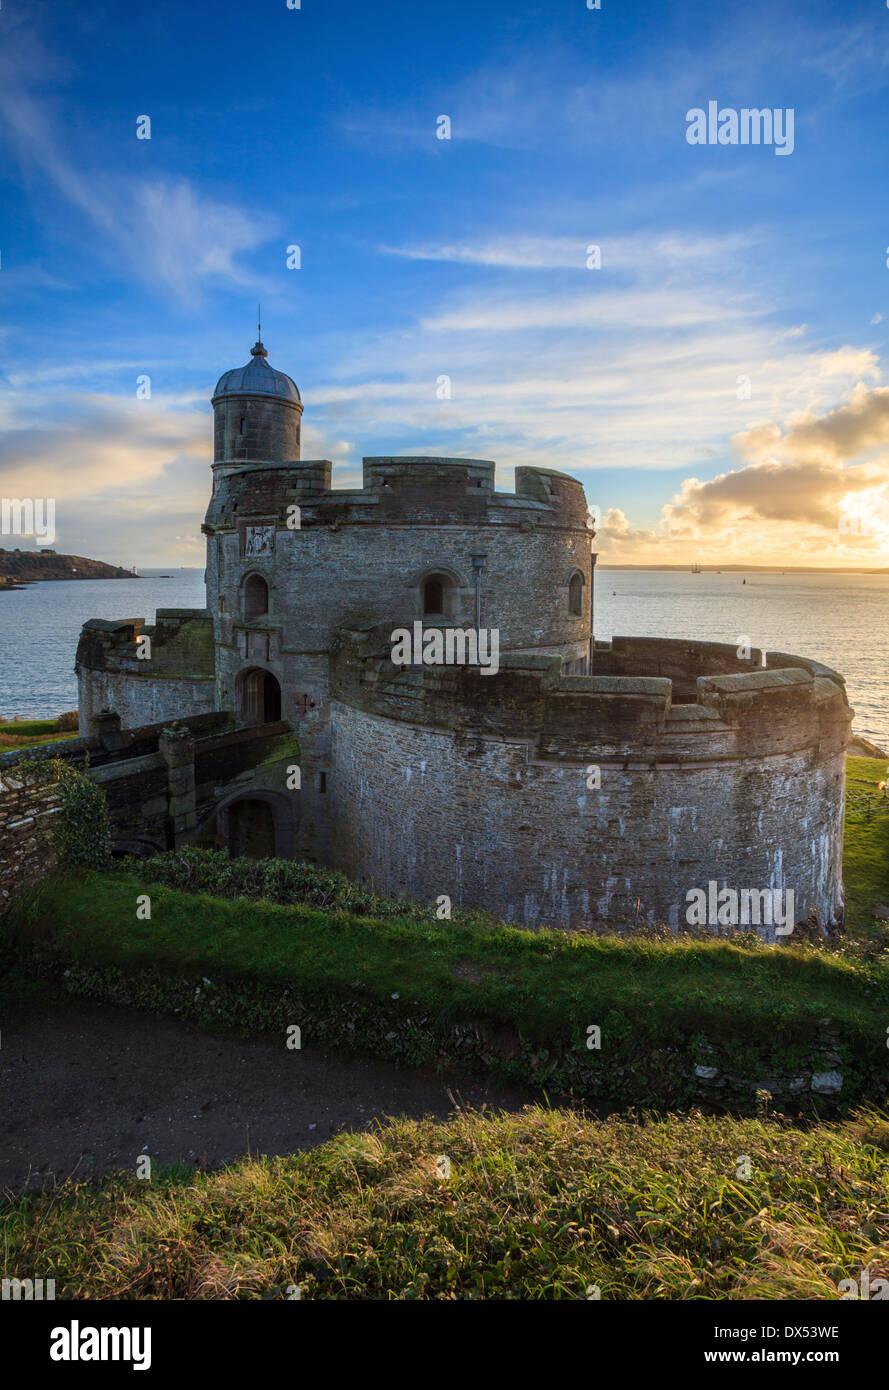 St Mawes Château capturé au coucher du soleil Banque D'Images